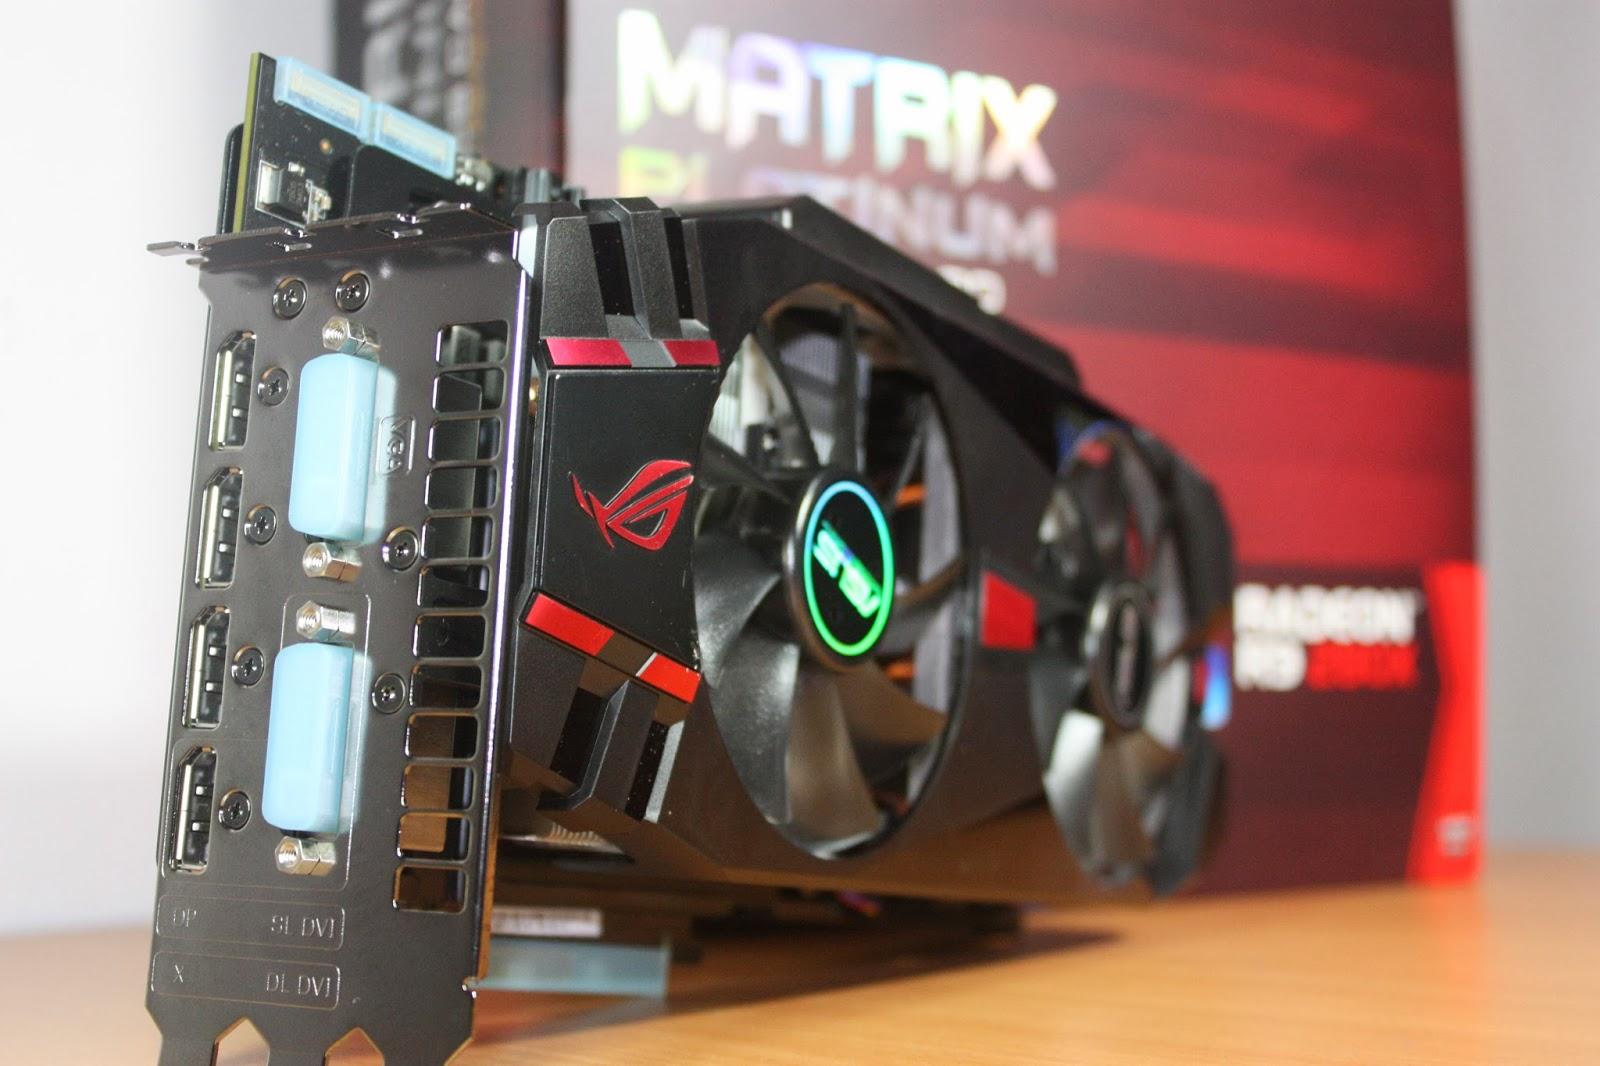 Graphics: [IMAGE HEAVY] Photoshoot of the ASUS Radeon R9 280X Matrix